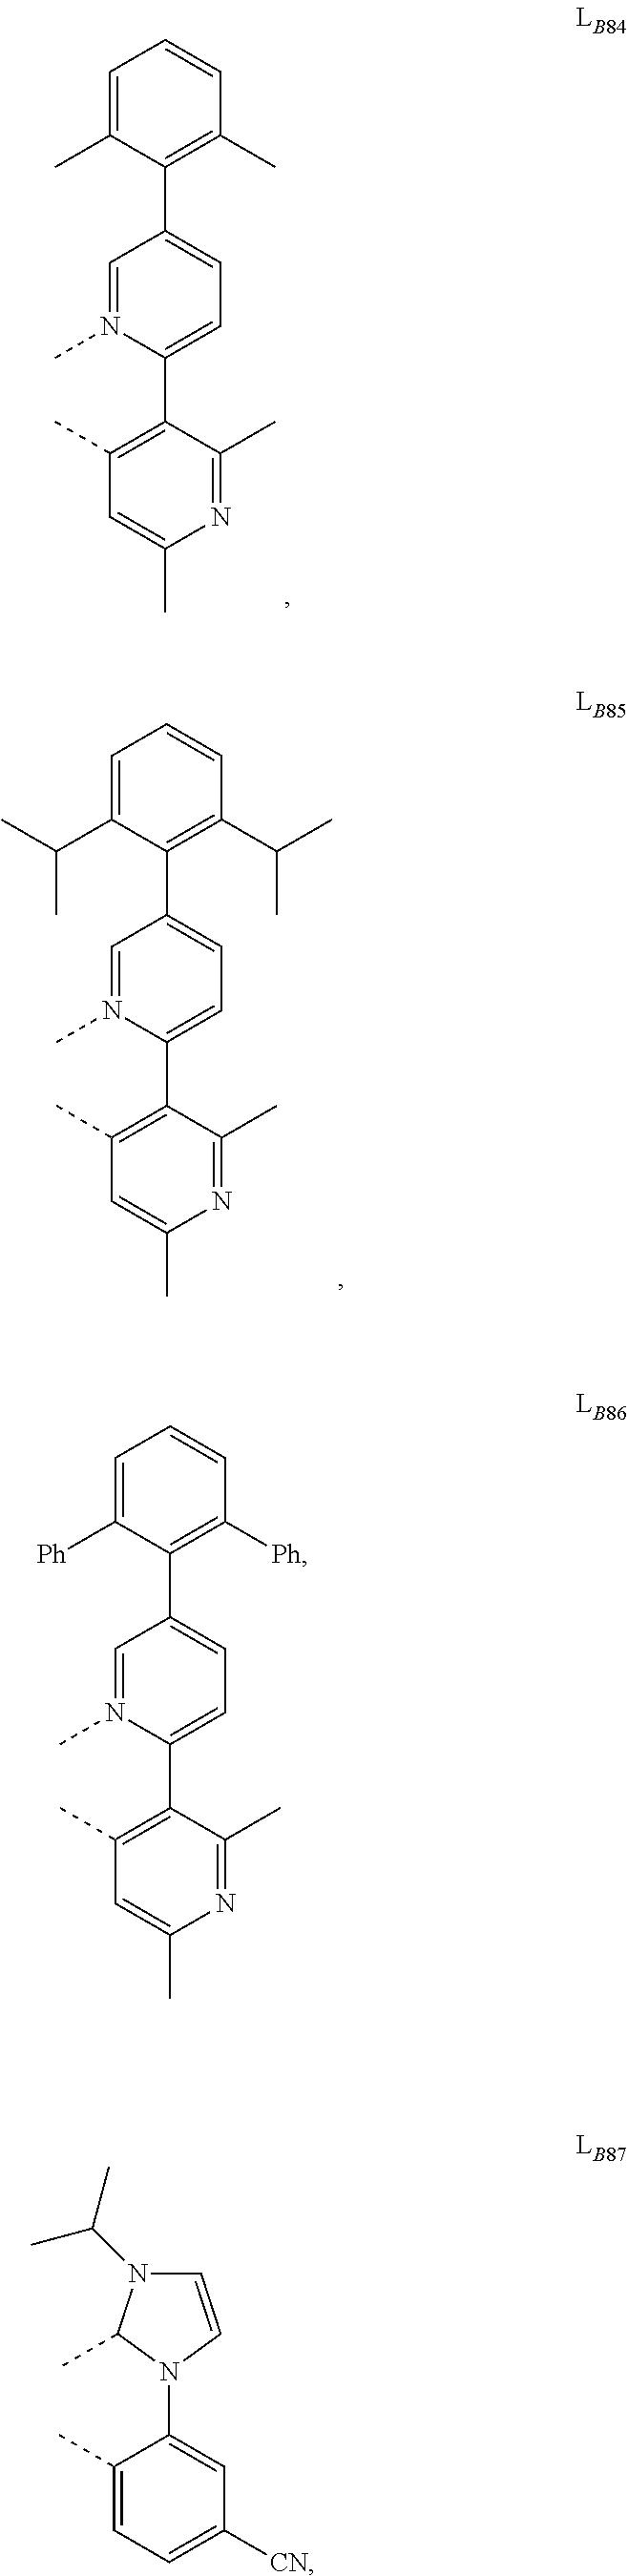 Figure US09905785-20180227-C00576